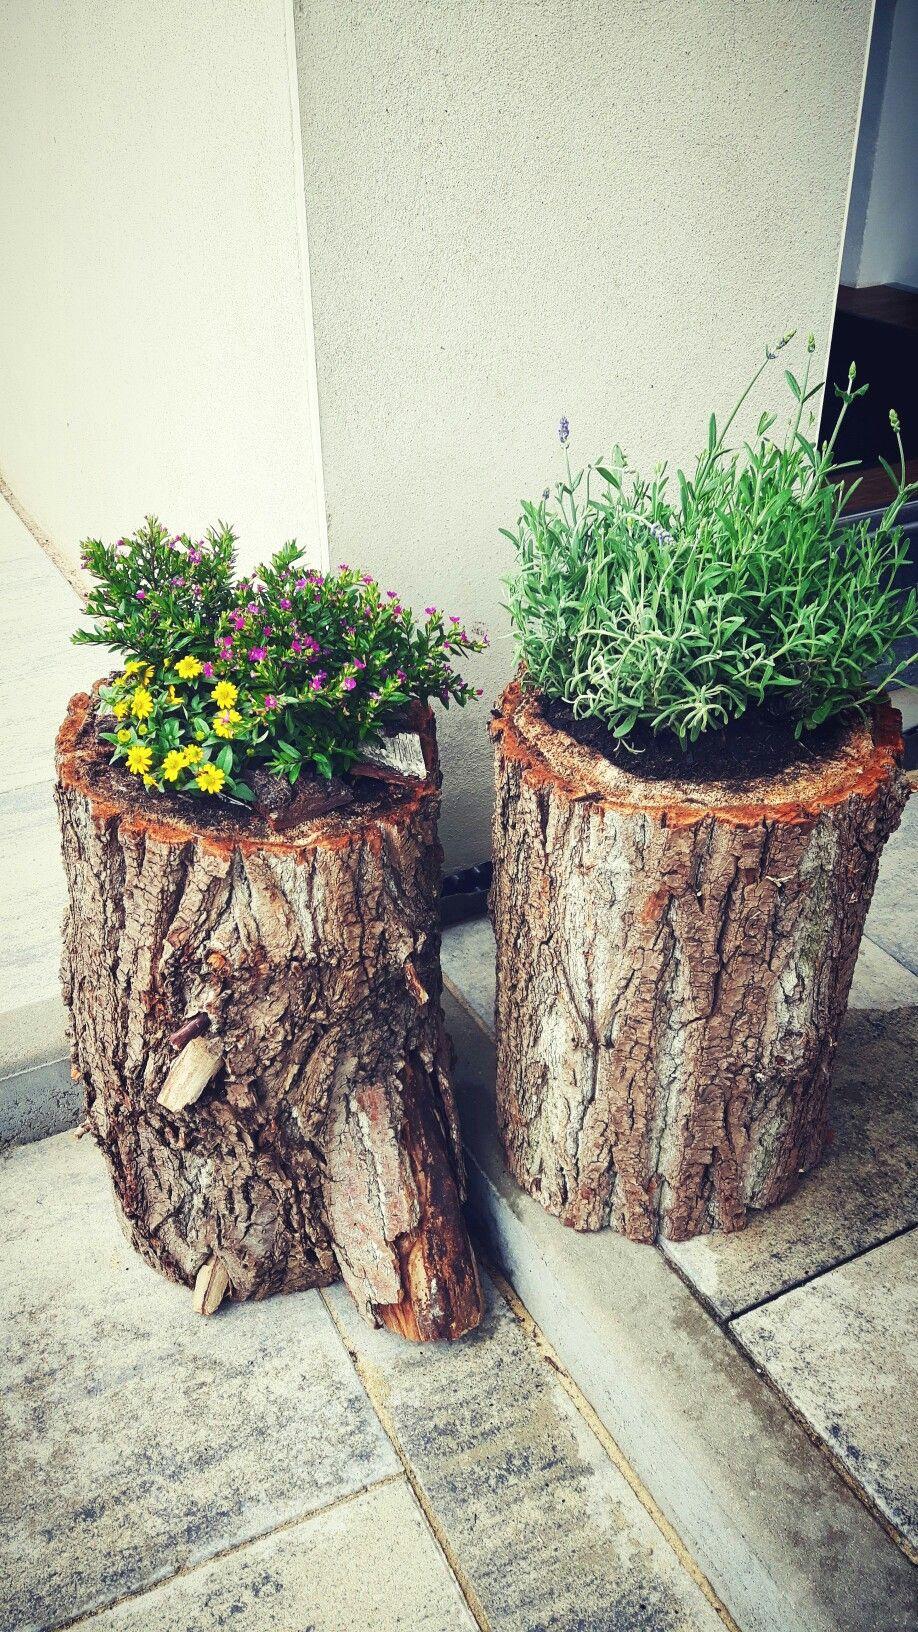 garten mit alten sachen dekorieren mit hohler baumstamm bepflanzt petrova baumstamm garten 36 und mit garten mit alten sachen dekorieren